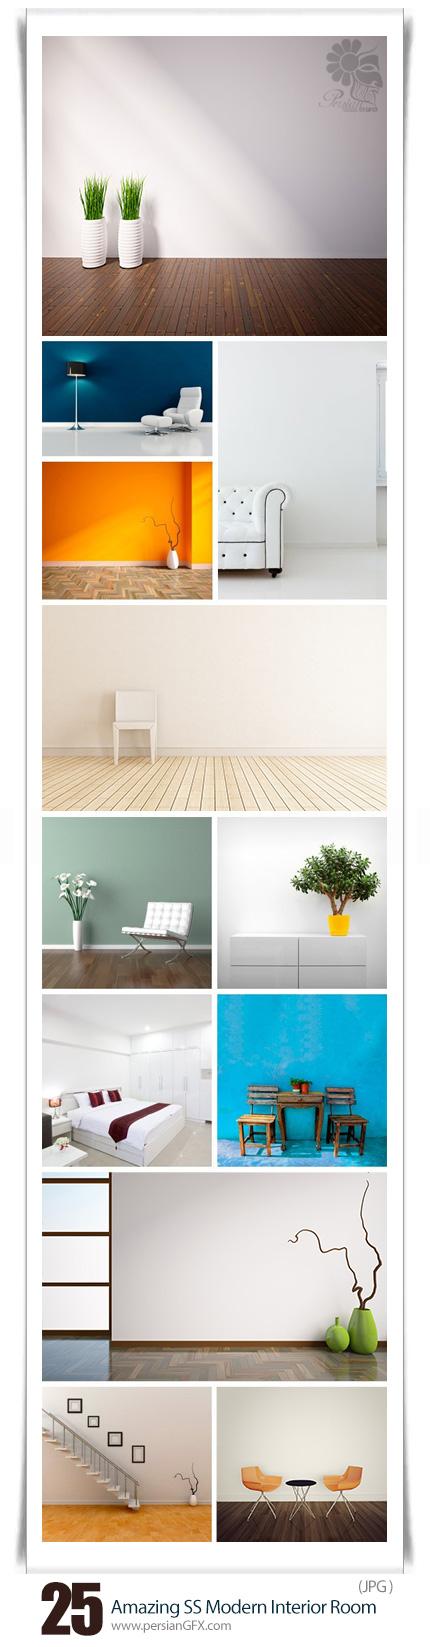 دانلود تصاویر با کیفیت طراحی داخلی مدرن از شاتراستوک - Amazing ShutterStock Modern Interior Room